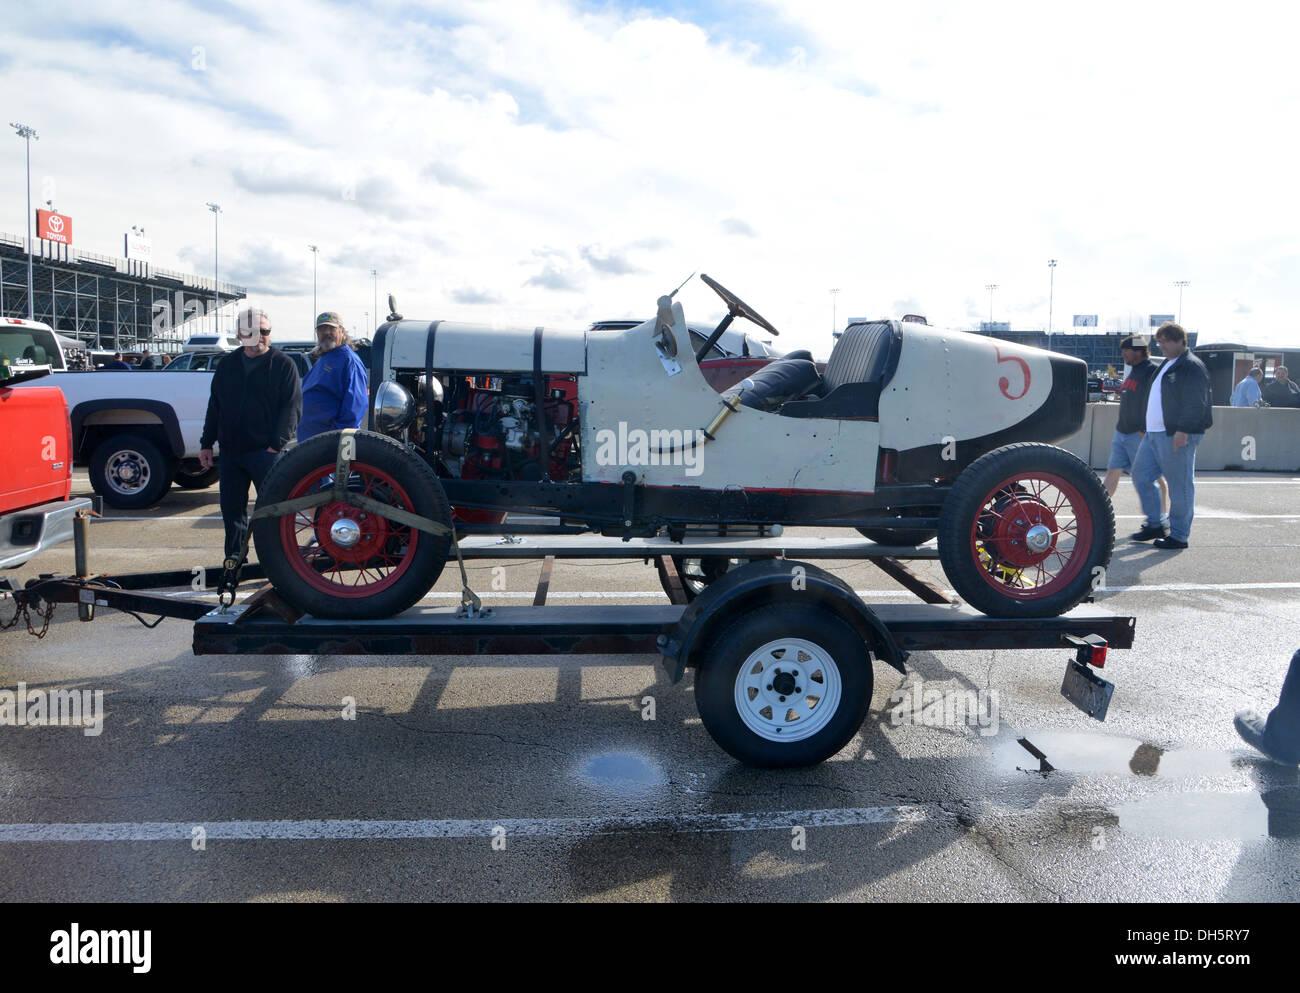 Auto d'epoca in vendita presso un guazzabuglio auto swap meet all'itinerario 66 Raceway, Elwood, Illinois sulla storica Route 66 Immagini Stock